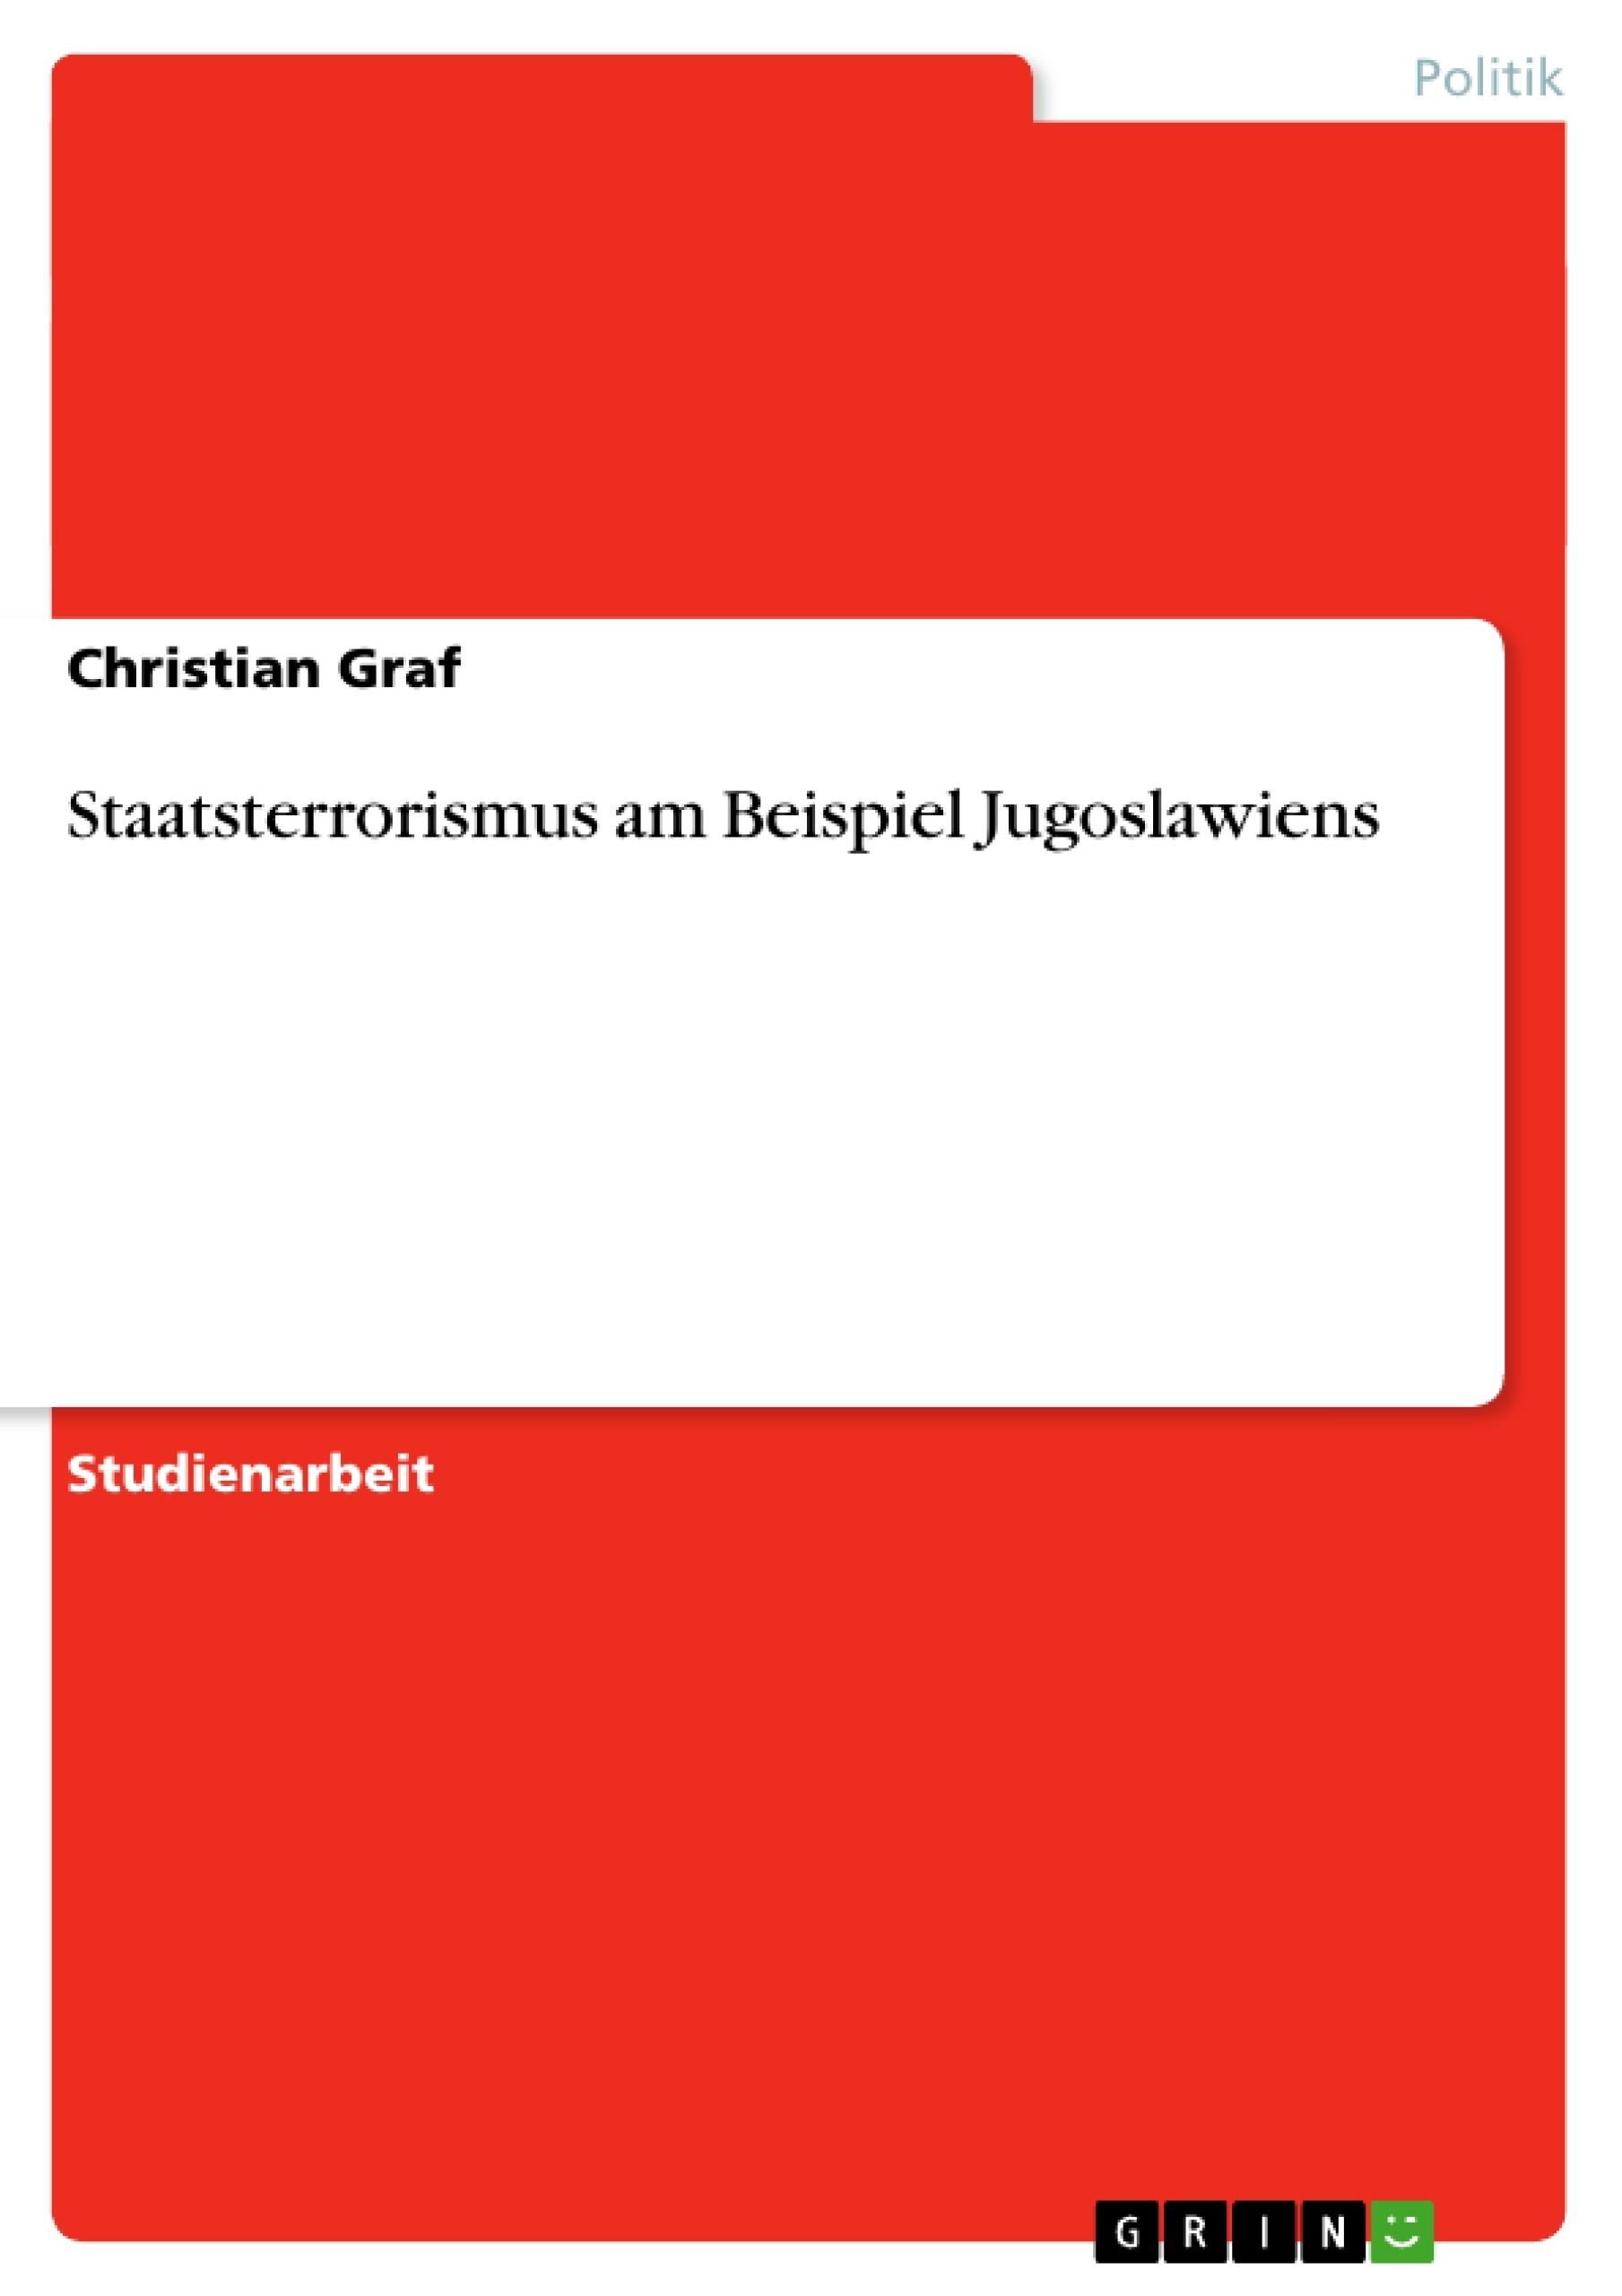 Titel: Staatsterrorismus am Beispiel Jugoslawiens